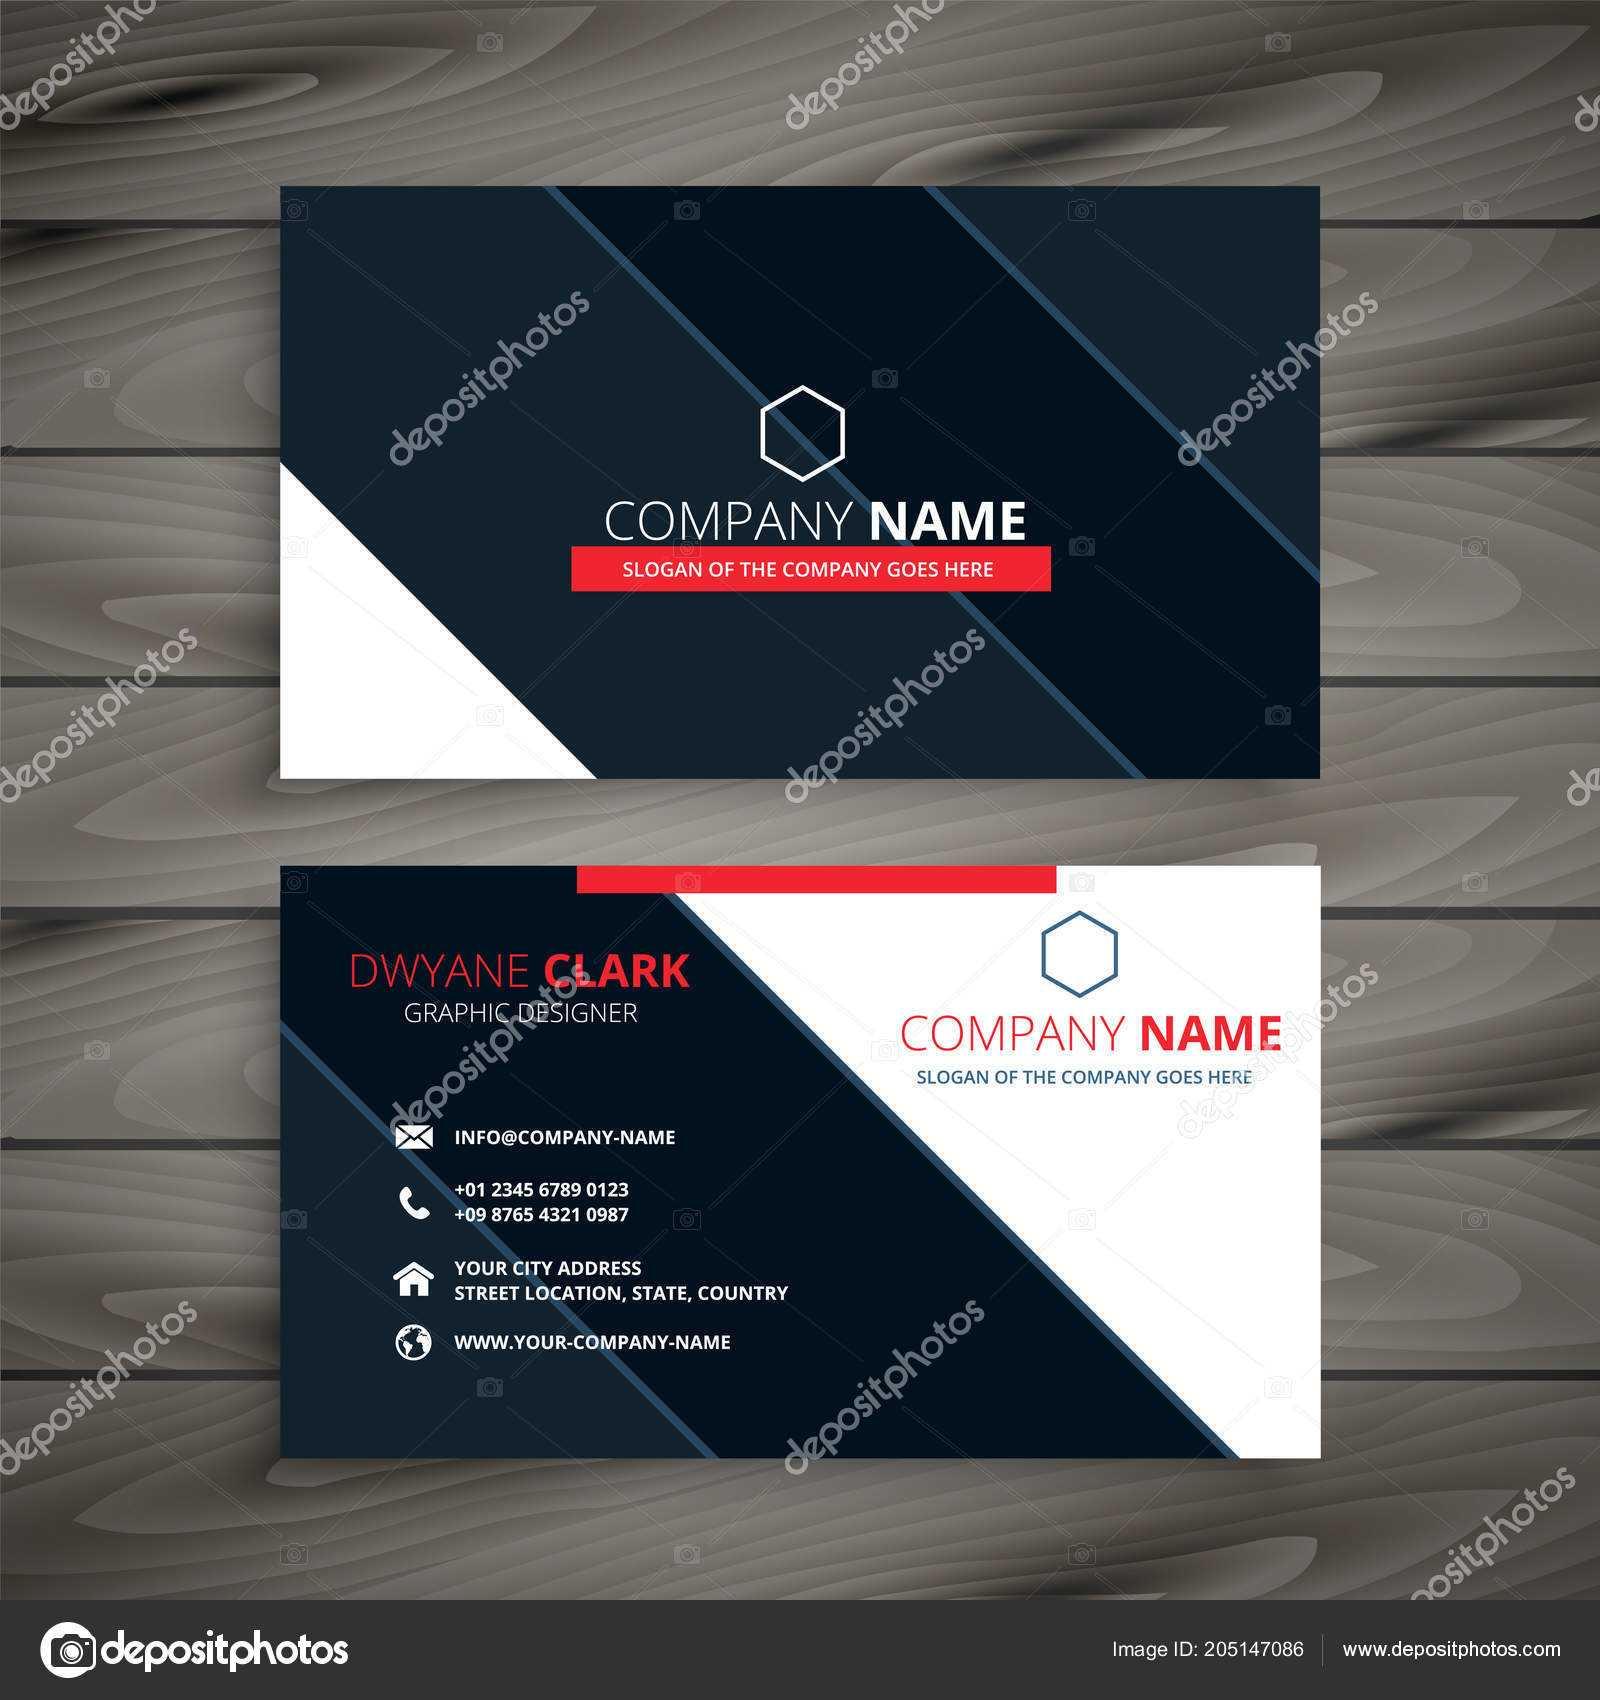 Modern Business Card Design Template — Stock Vector Intended For Modern Business Card Design Templates